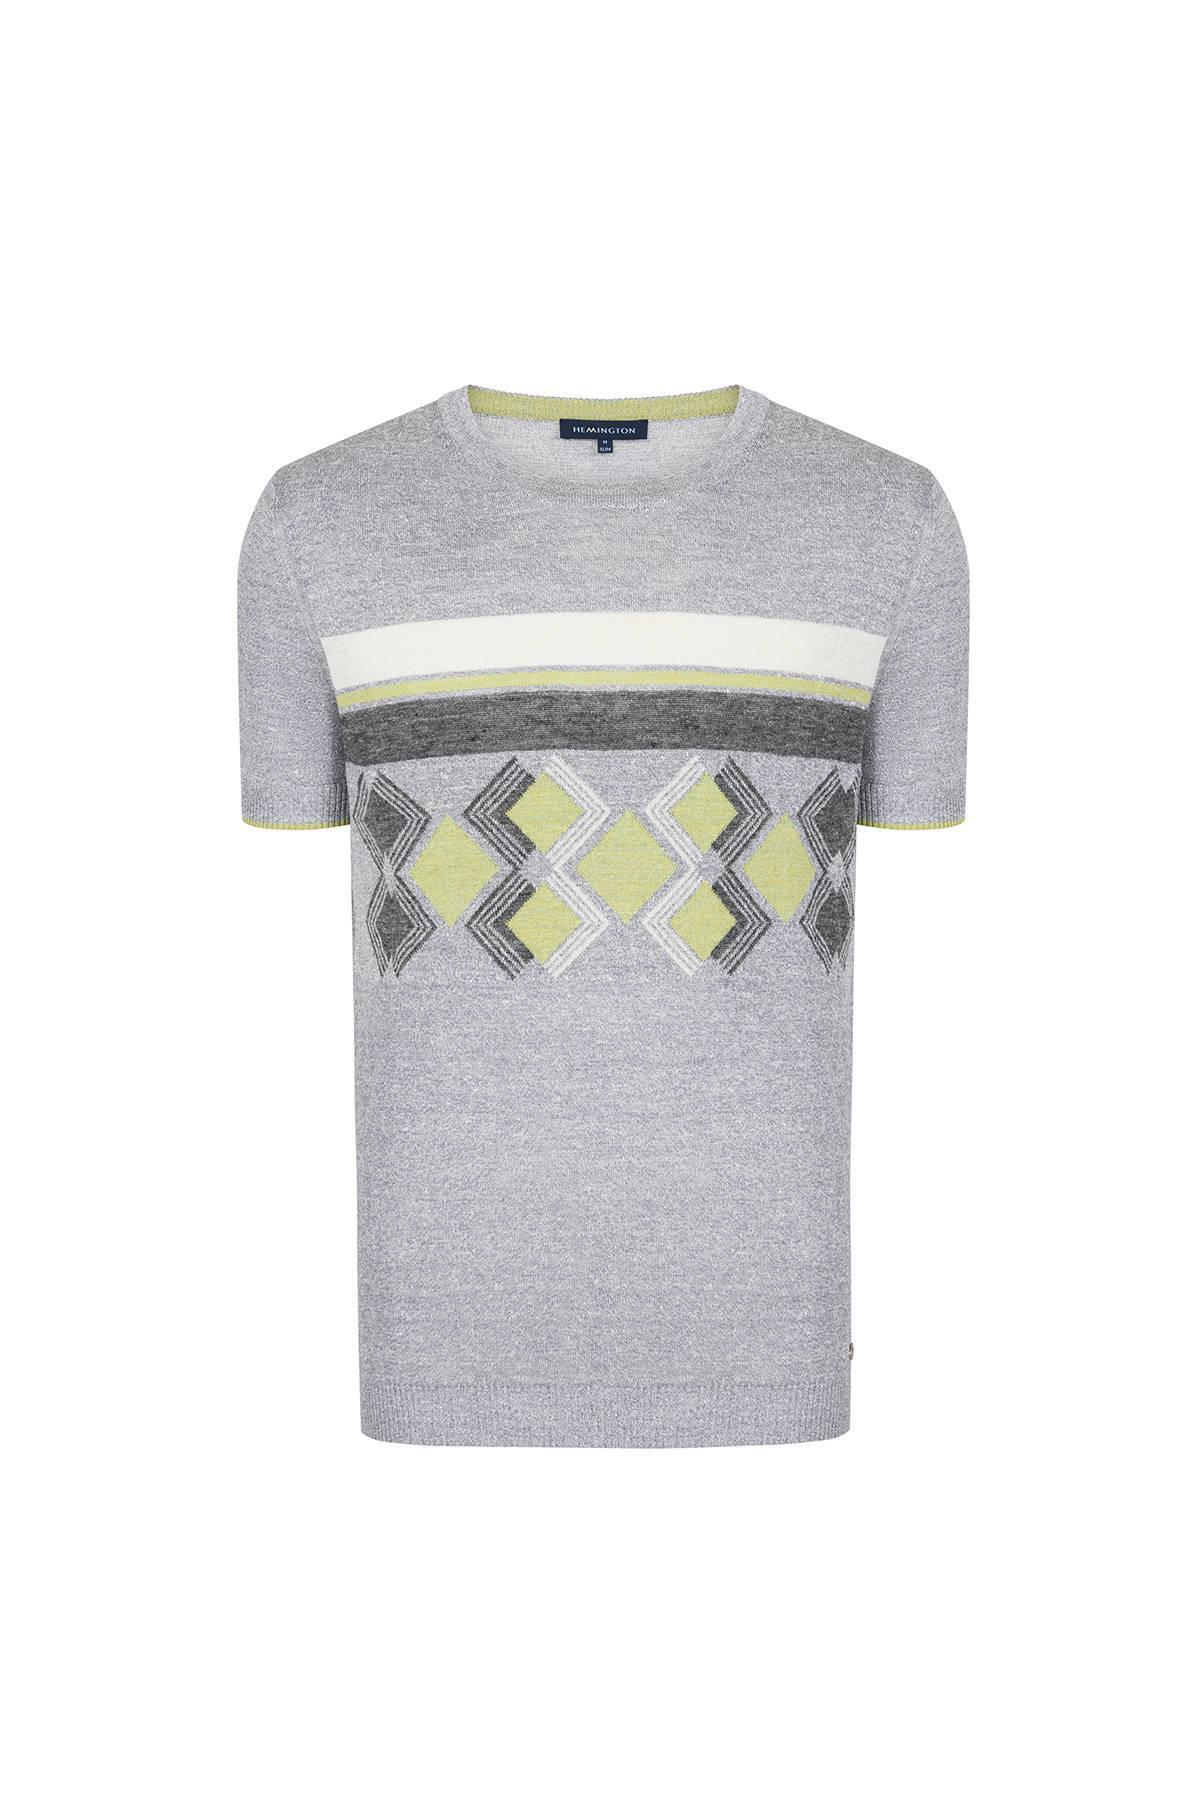 İpek Keten Açık Gri Triko T-shirt